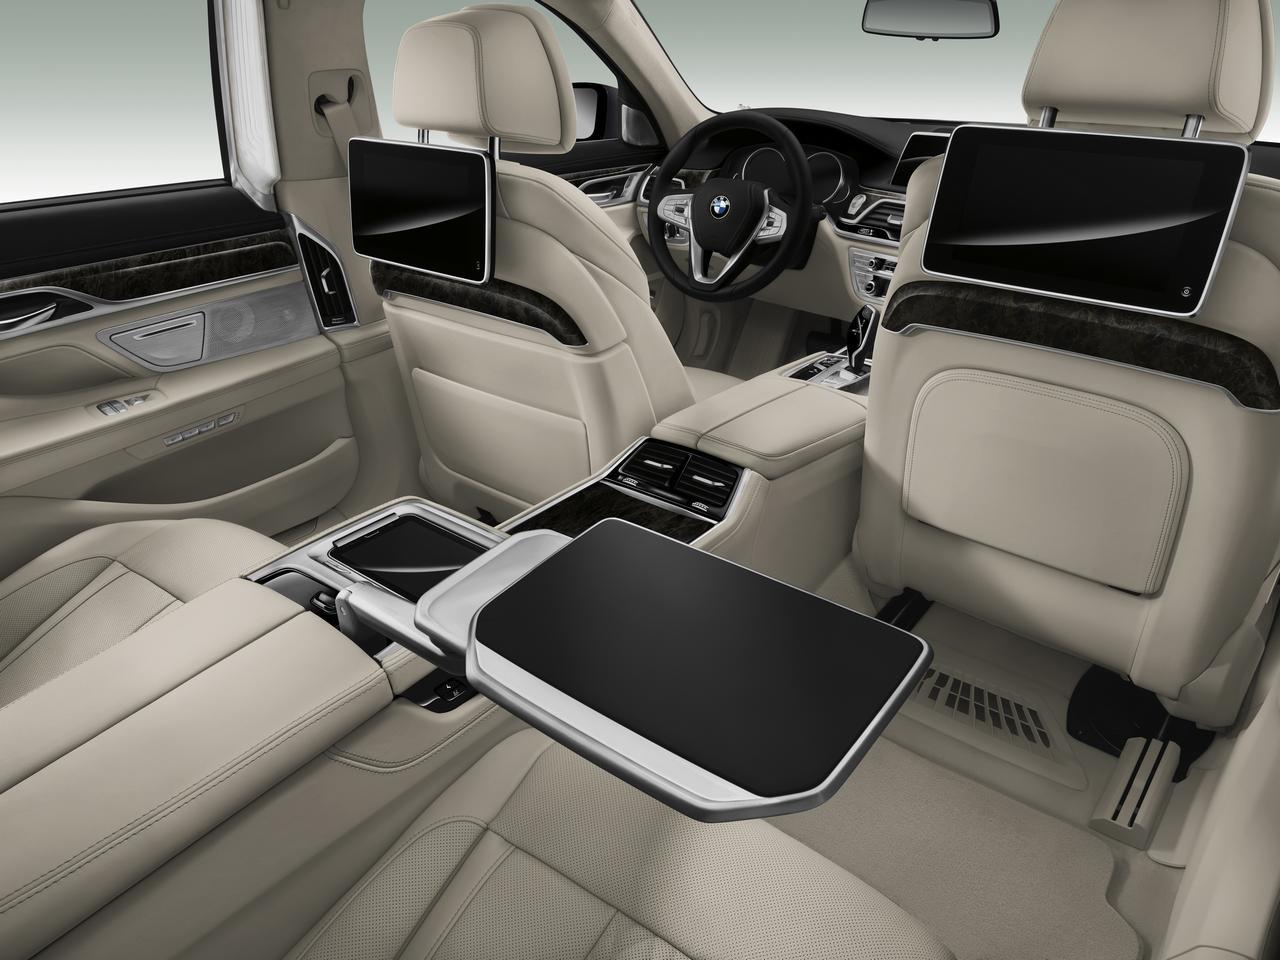 BMW-Serie-7-abitacolo-cockpit-prezzo-price-0-100_17